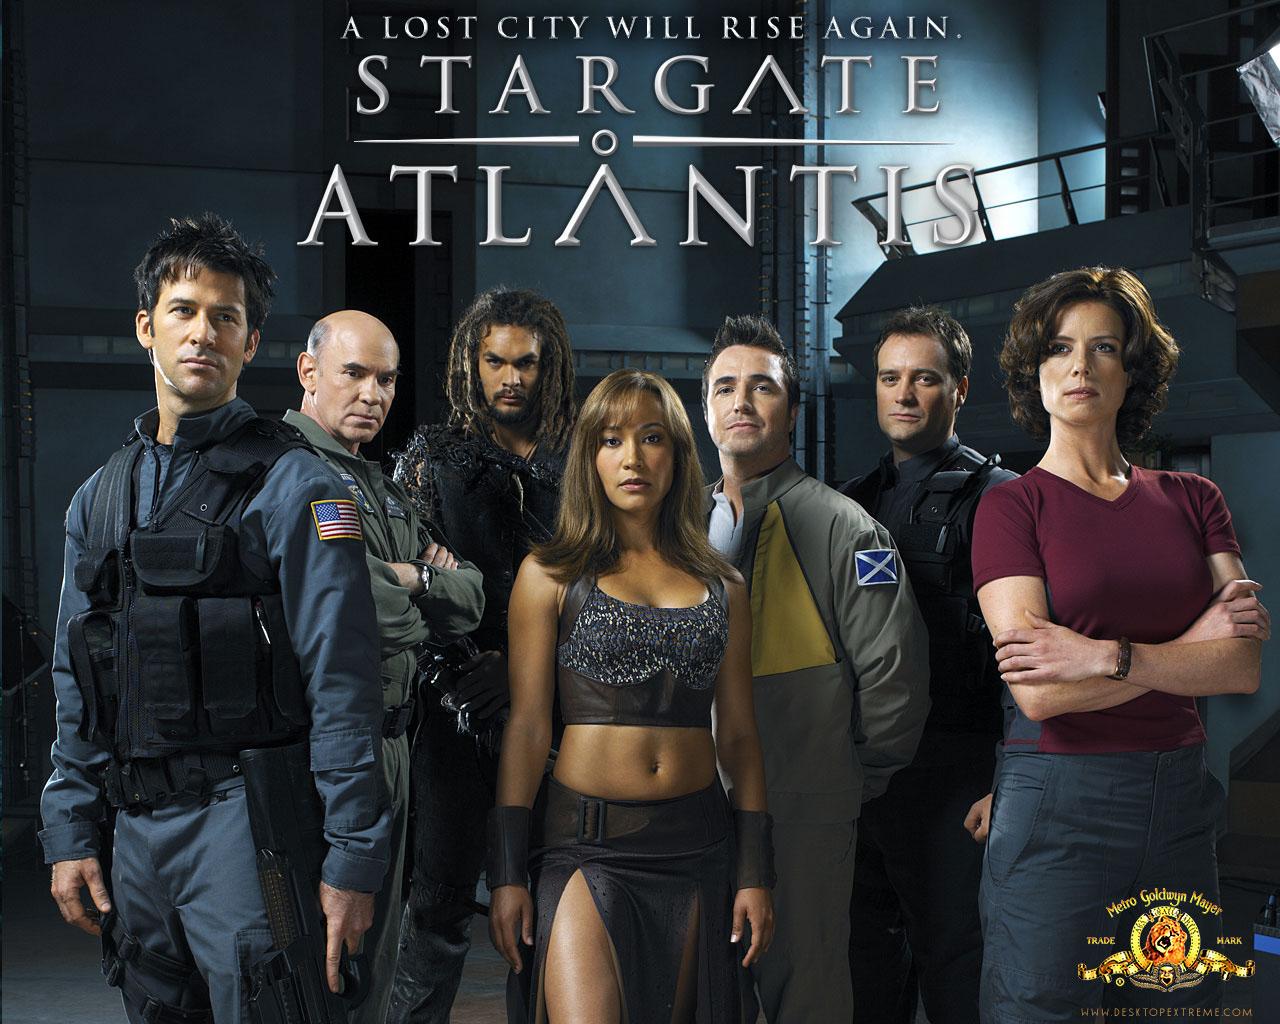 http://4.bp.blogspot.com/-Xdk38becydE/T9FRygBWfJI/AAAAAAAAAxs/koN1aInjRnQ/s1600/Stargate.-Atlantis-wallpaper2.jpg